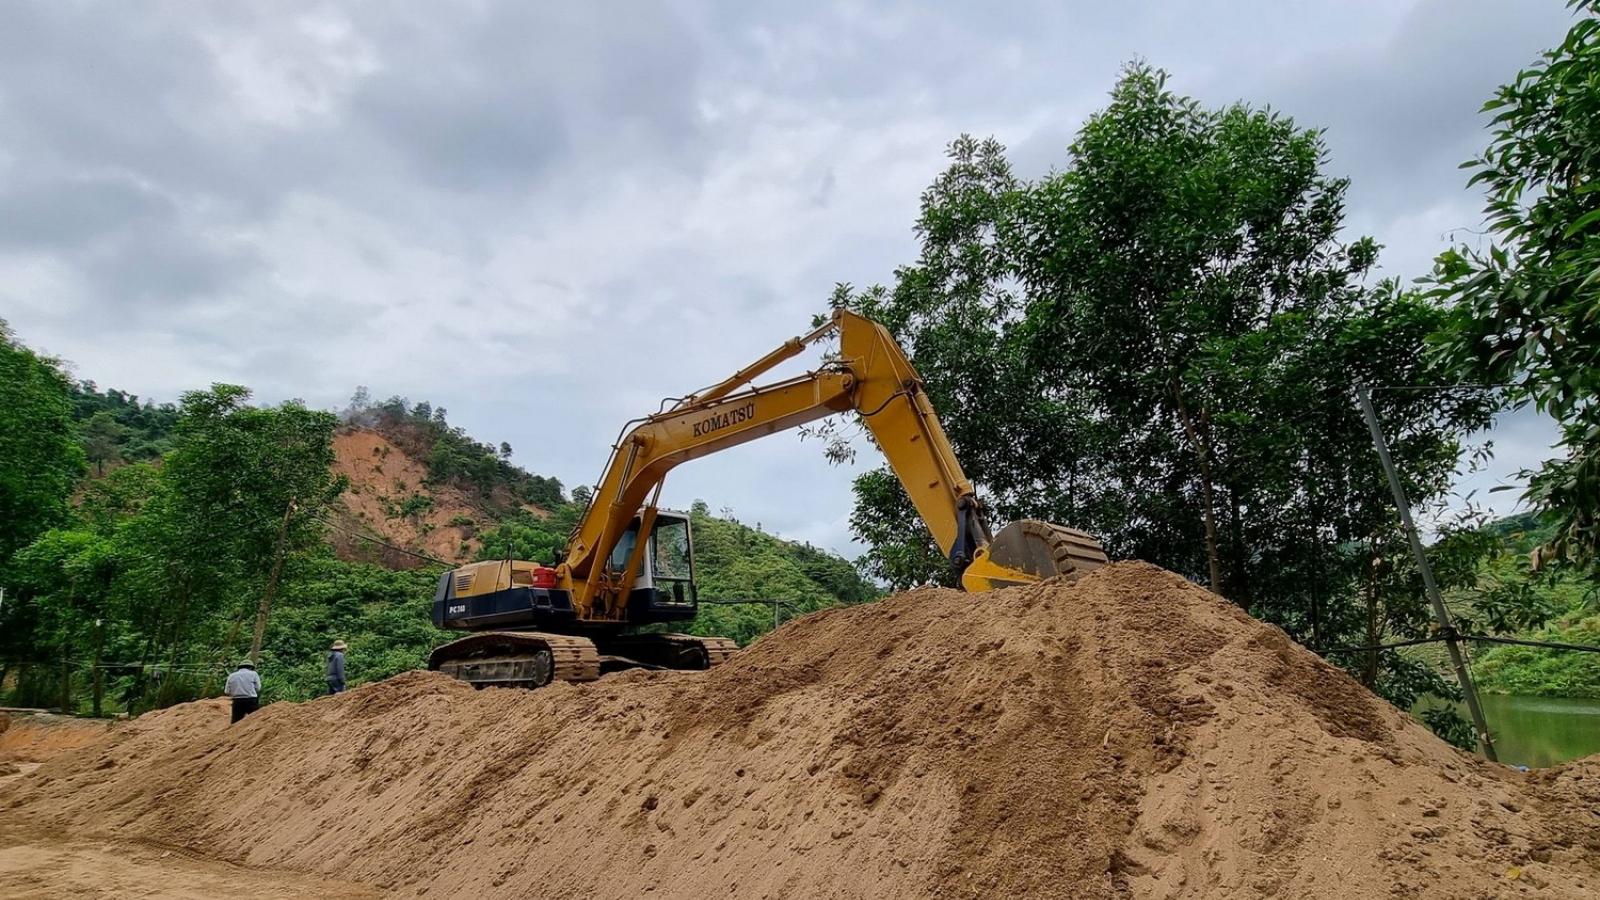 Đột kích, bắt quả tang hành vi hút cát trái phép giữa lòng hồ thủy điện Khe Giông